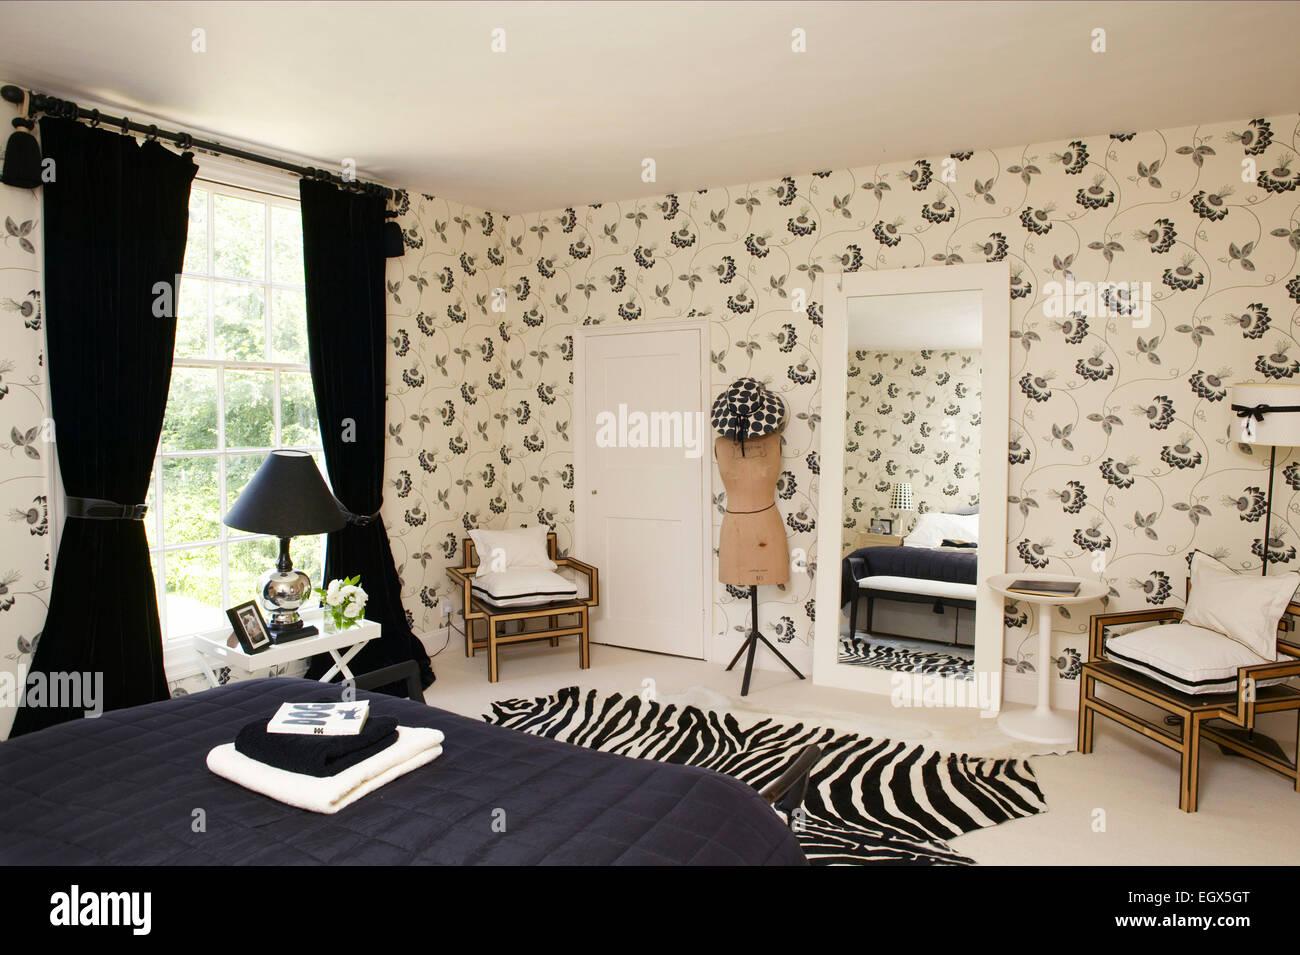 Fesselnd Dramatische Schwarz / Weiß Schlafzimmer Mit Gemusterten Tapeten